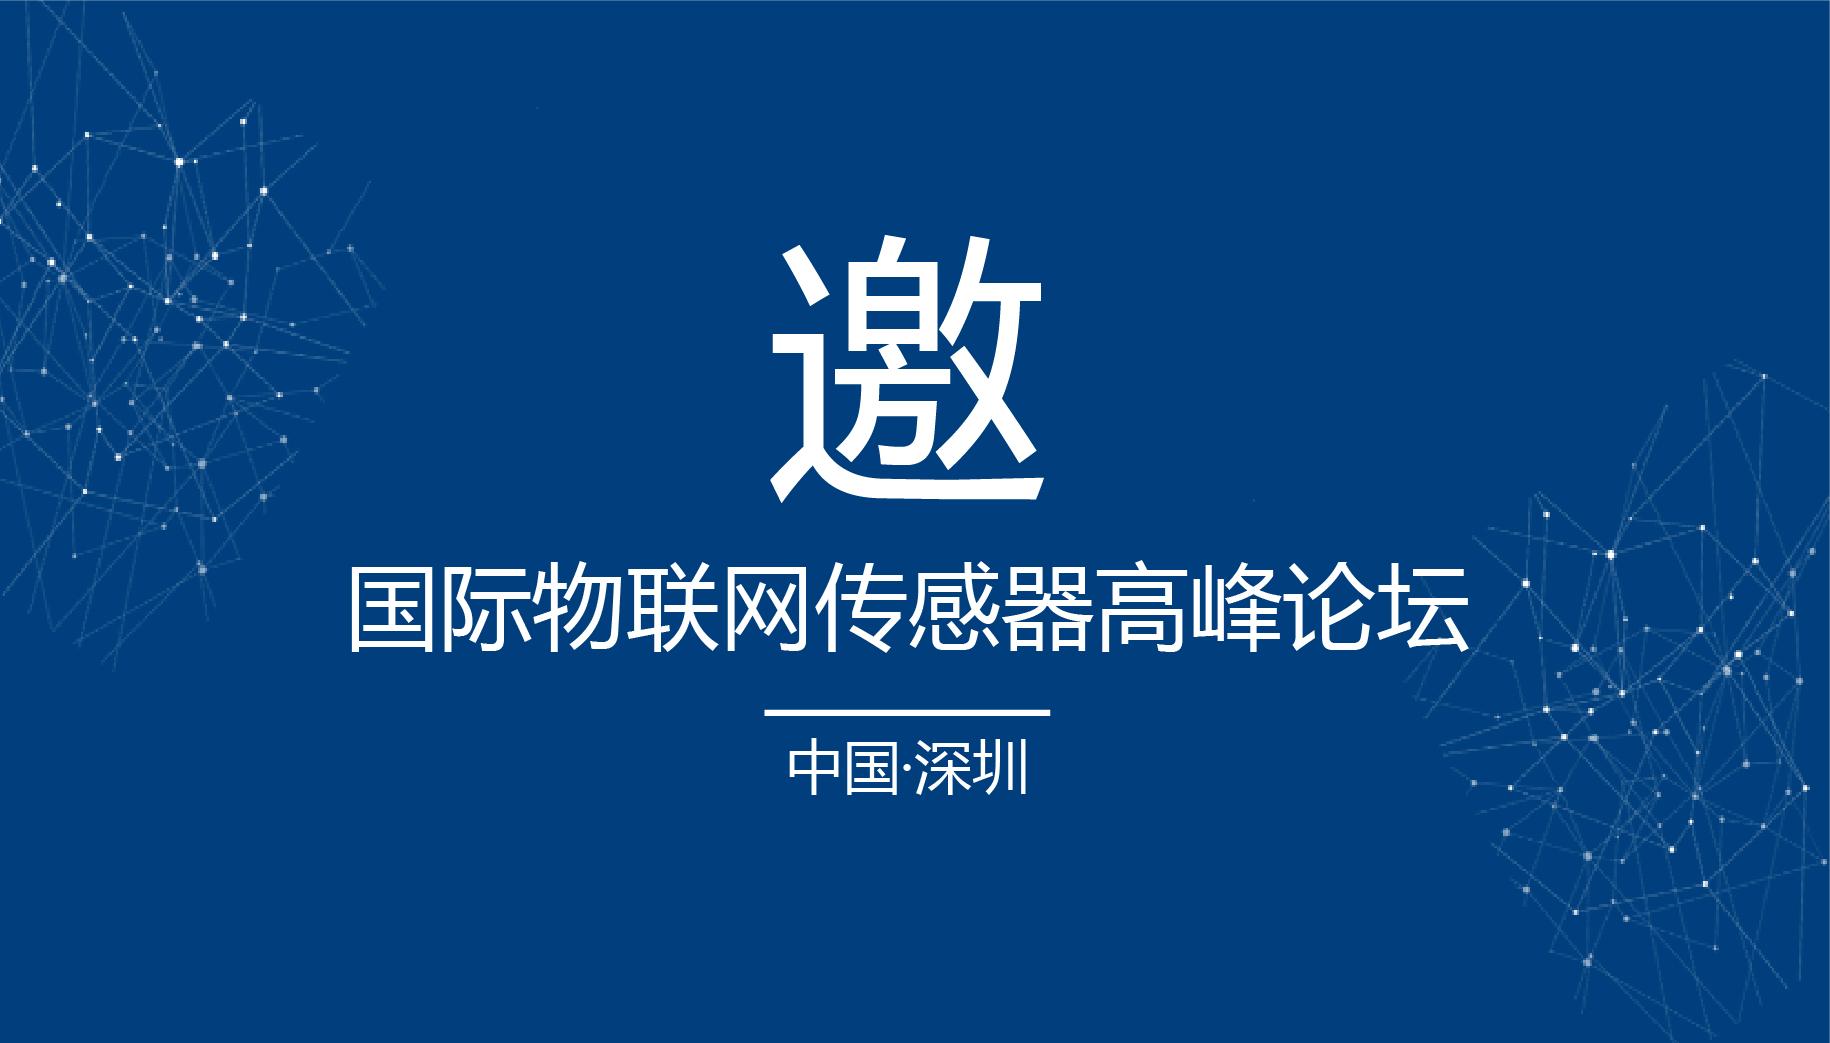 麦克物联 与你相约 | 2018深圳国际物联网传感器高峰论坛